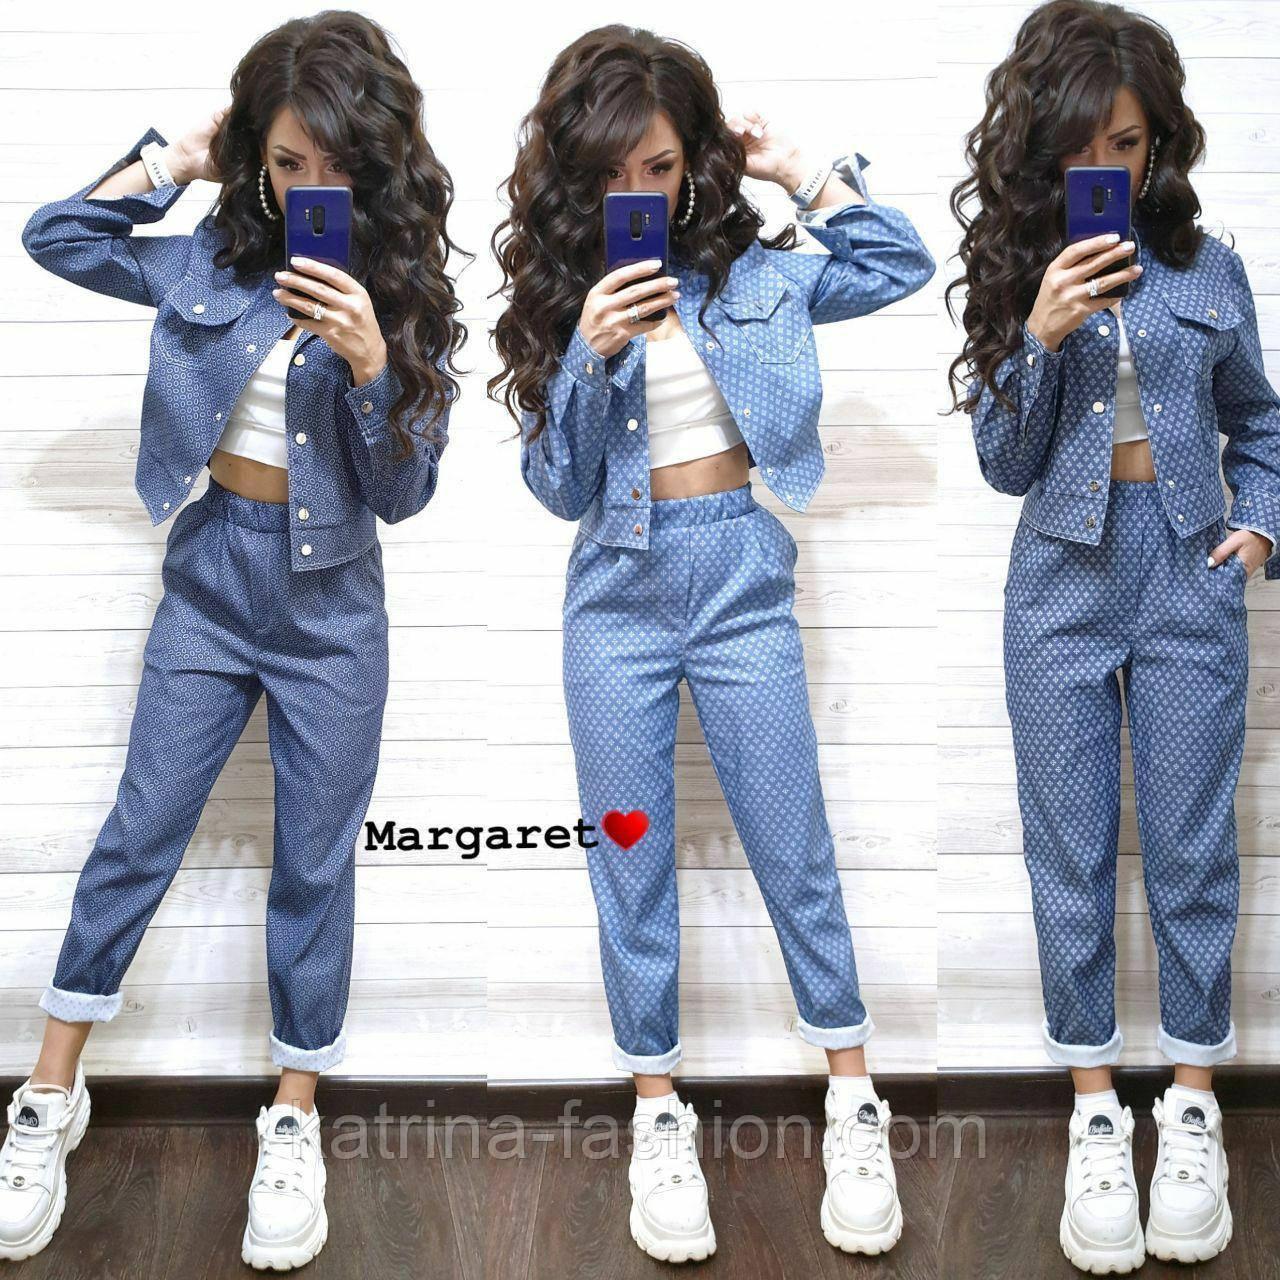 Женский стильный джинсовый костюм брючный с узором (3 цвета)